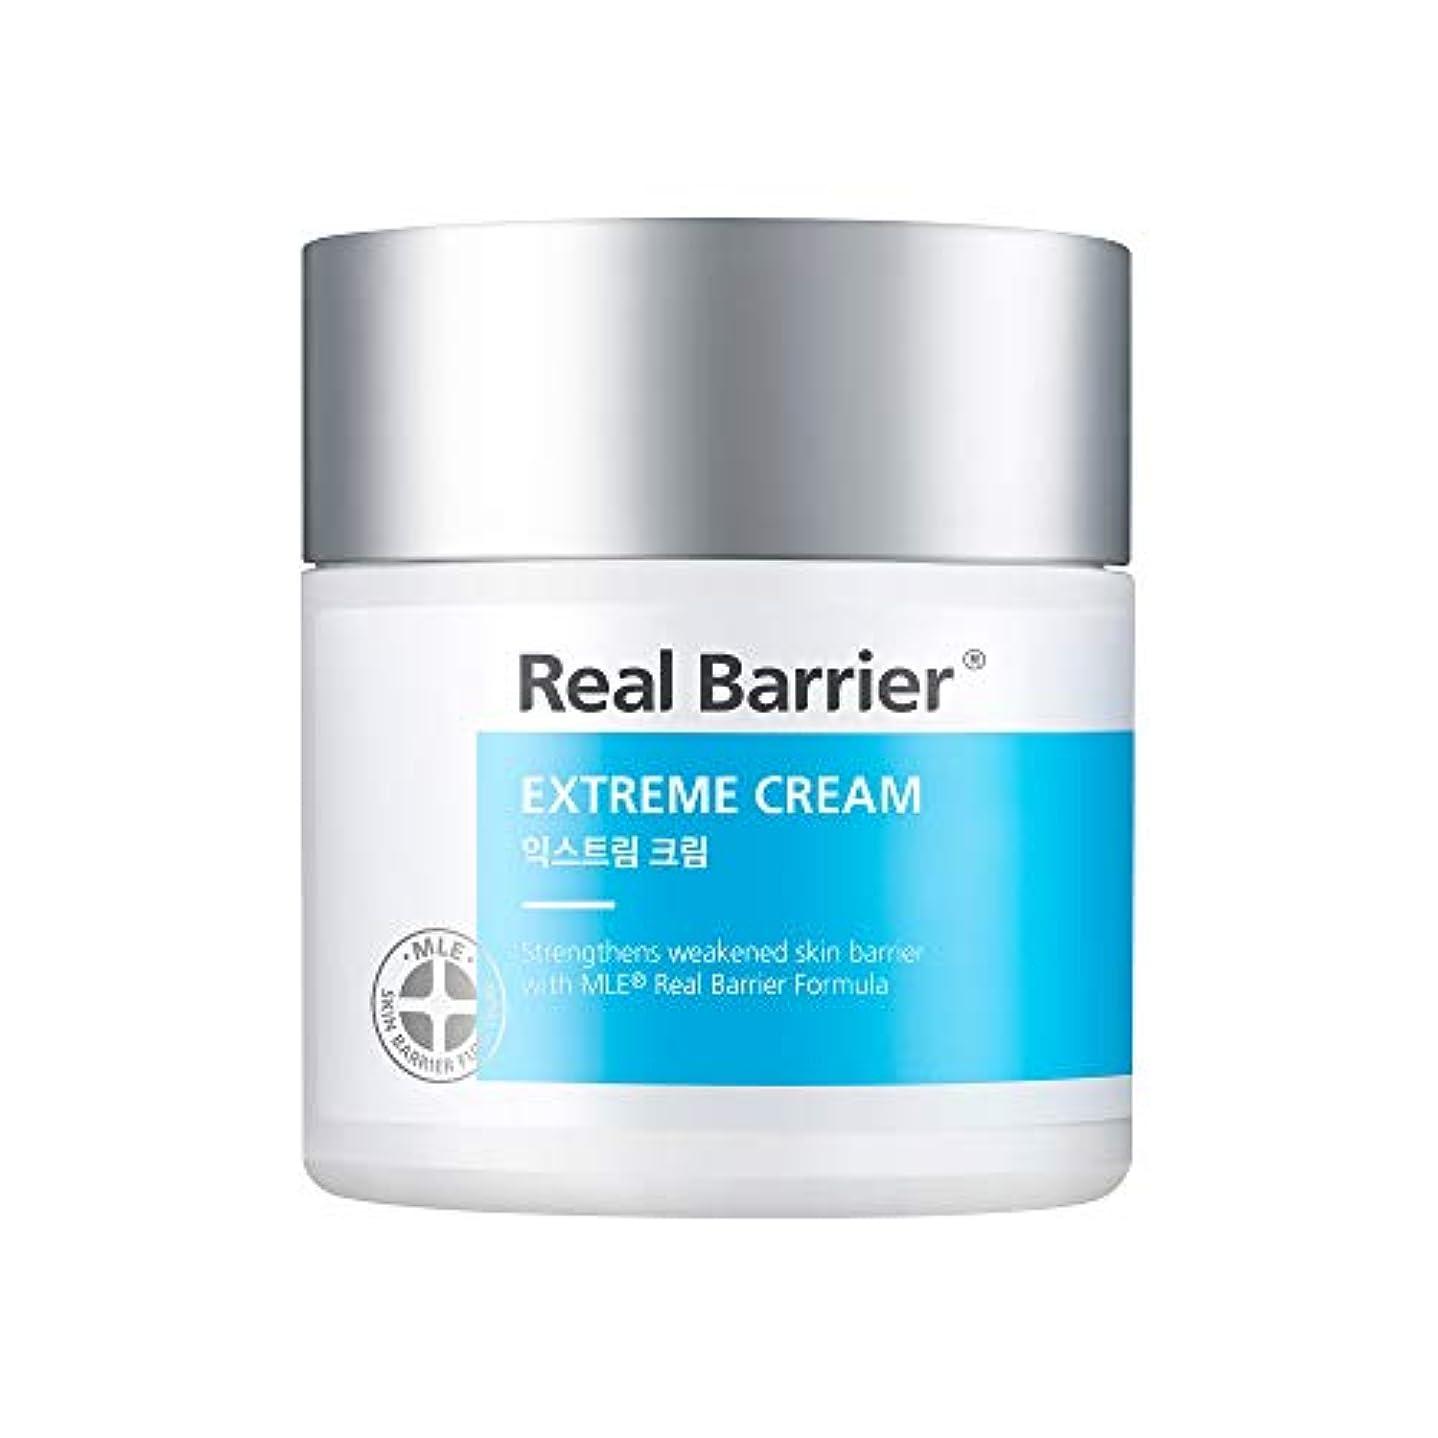 難しい政治家のブロッサムアトパーム(atopalm) リアルベリアエクストリームクリーム/Atopam Real Barrier Extreme Cream